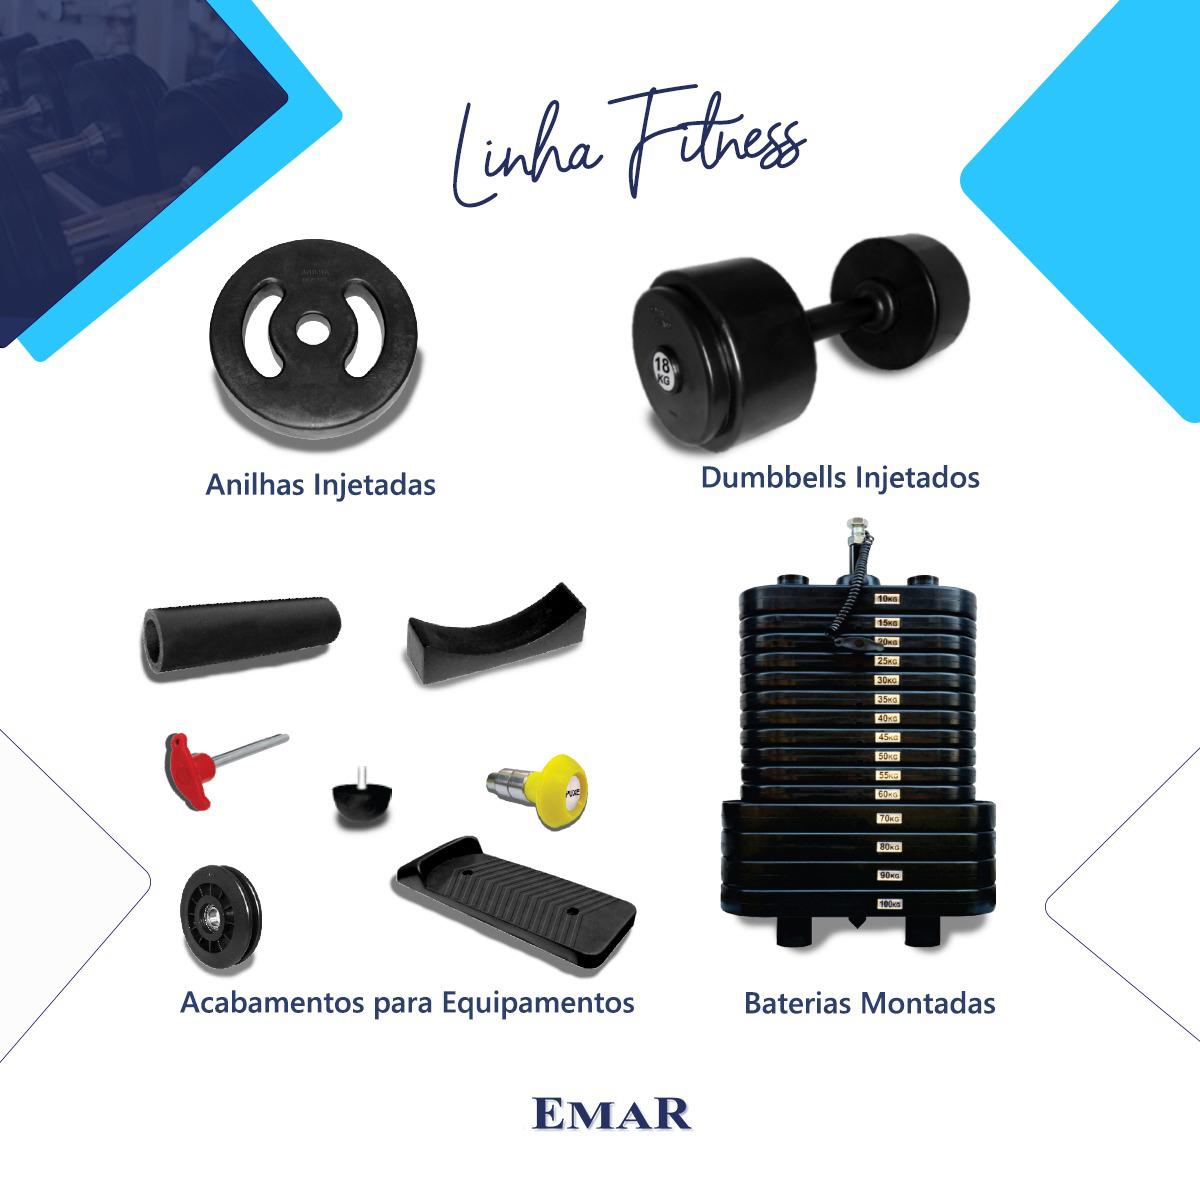 """Kit com 2 Anilhas Injetadas de 4 kg cada - Furo Standard 1.1/8"""" Revestidas com Grossa Camada de PVC"""